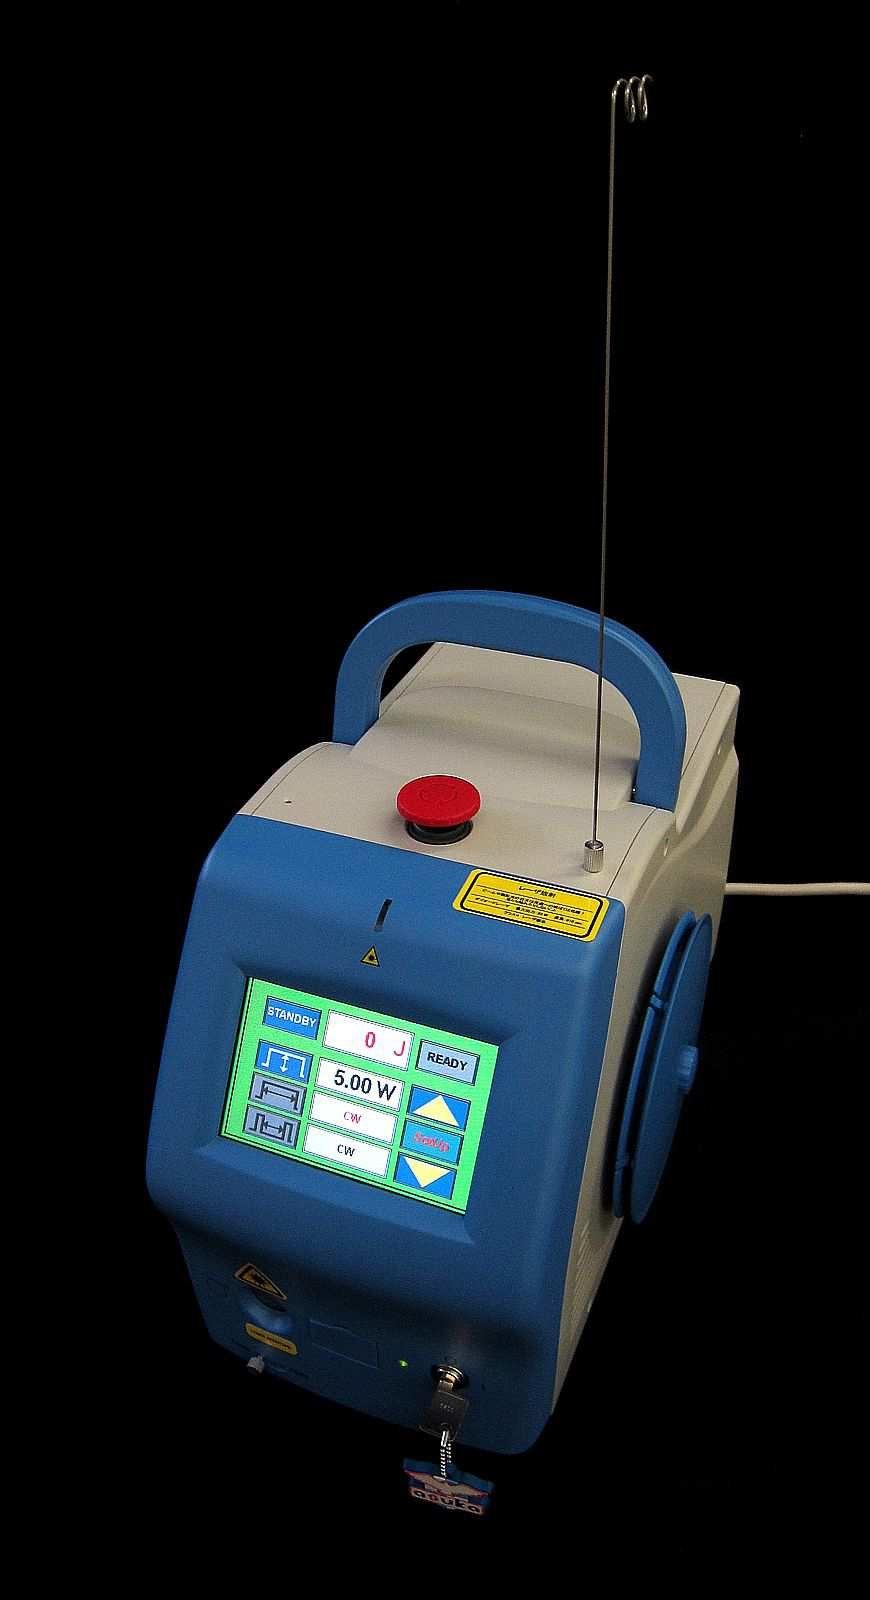 アレルギー性鼻炎に対するレーザー治療の実際